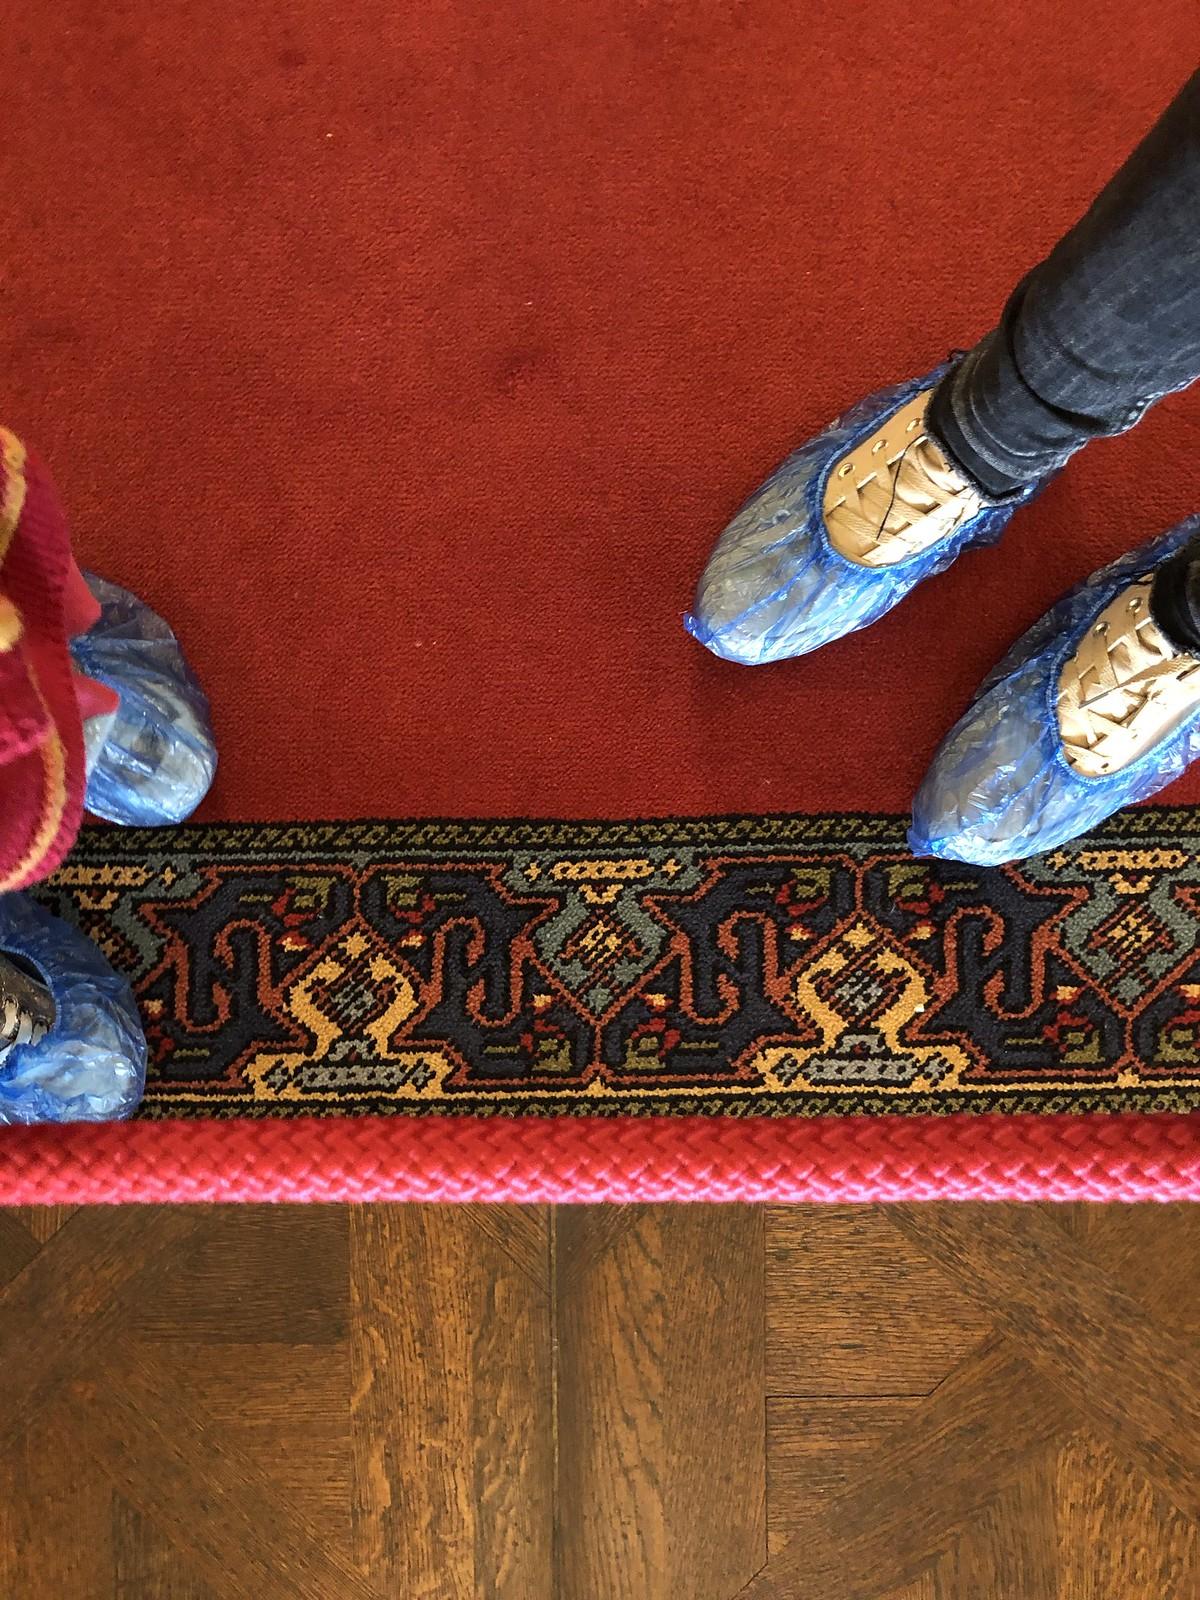 Había que ponerse esto en los zapatos para no estropear las alfombras. A Eva le hizo gracia los 5 primeros minutos...